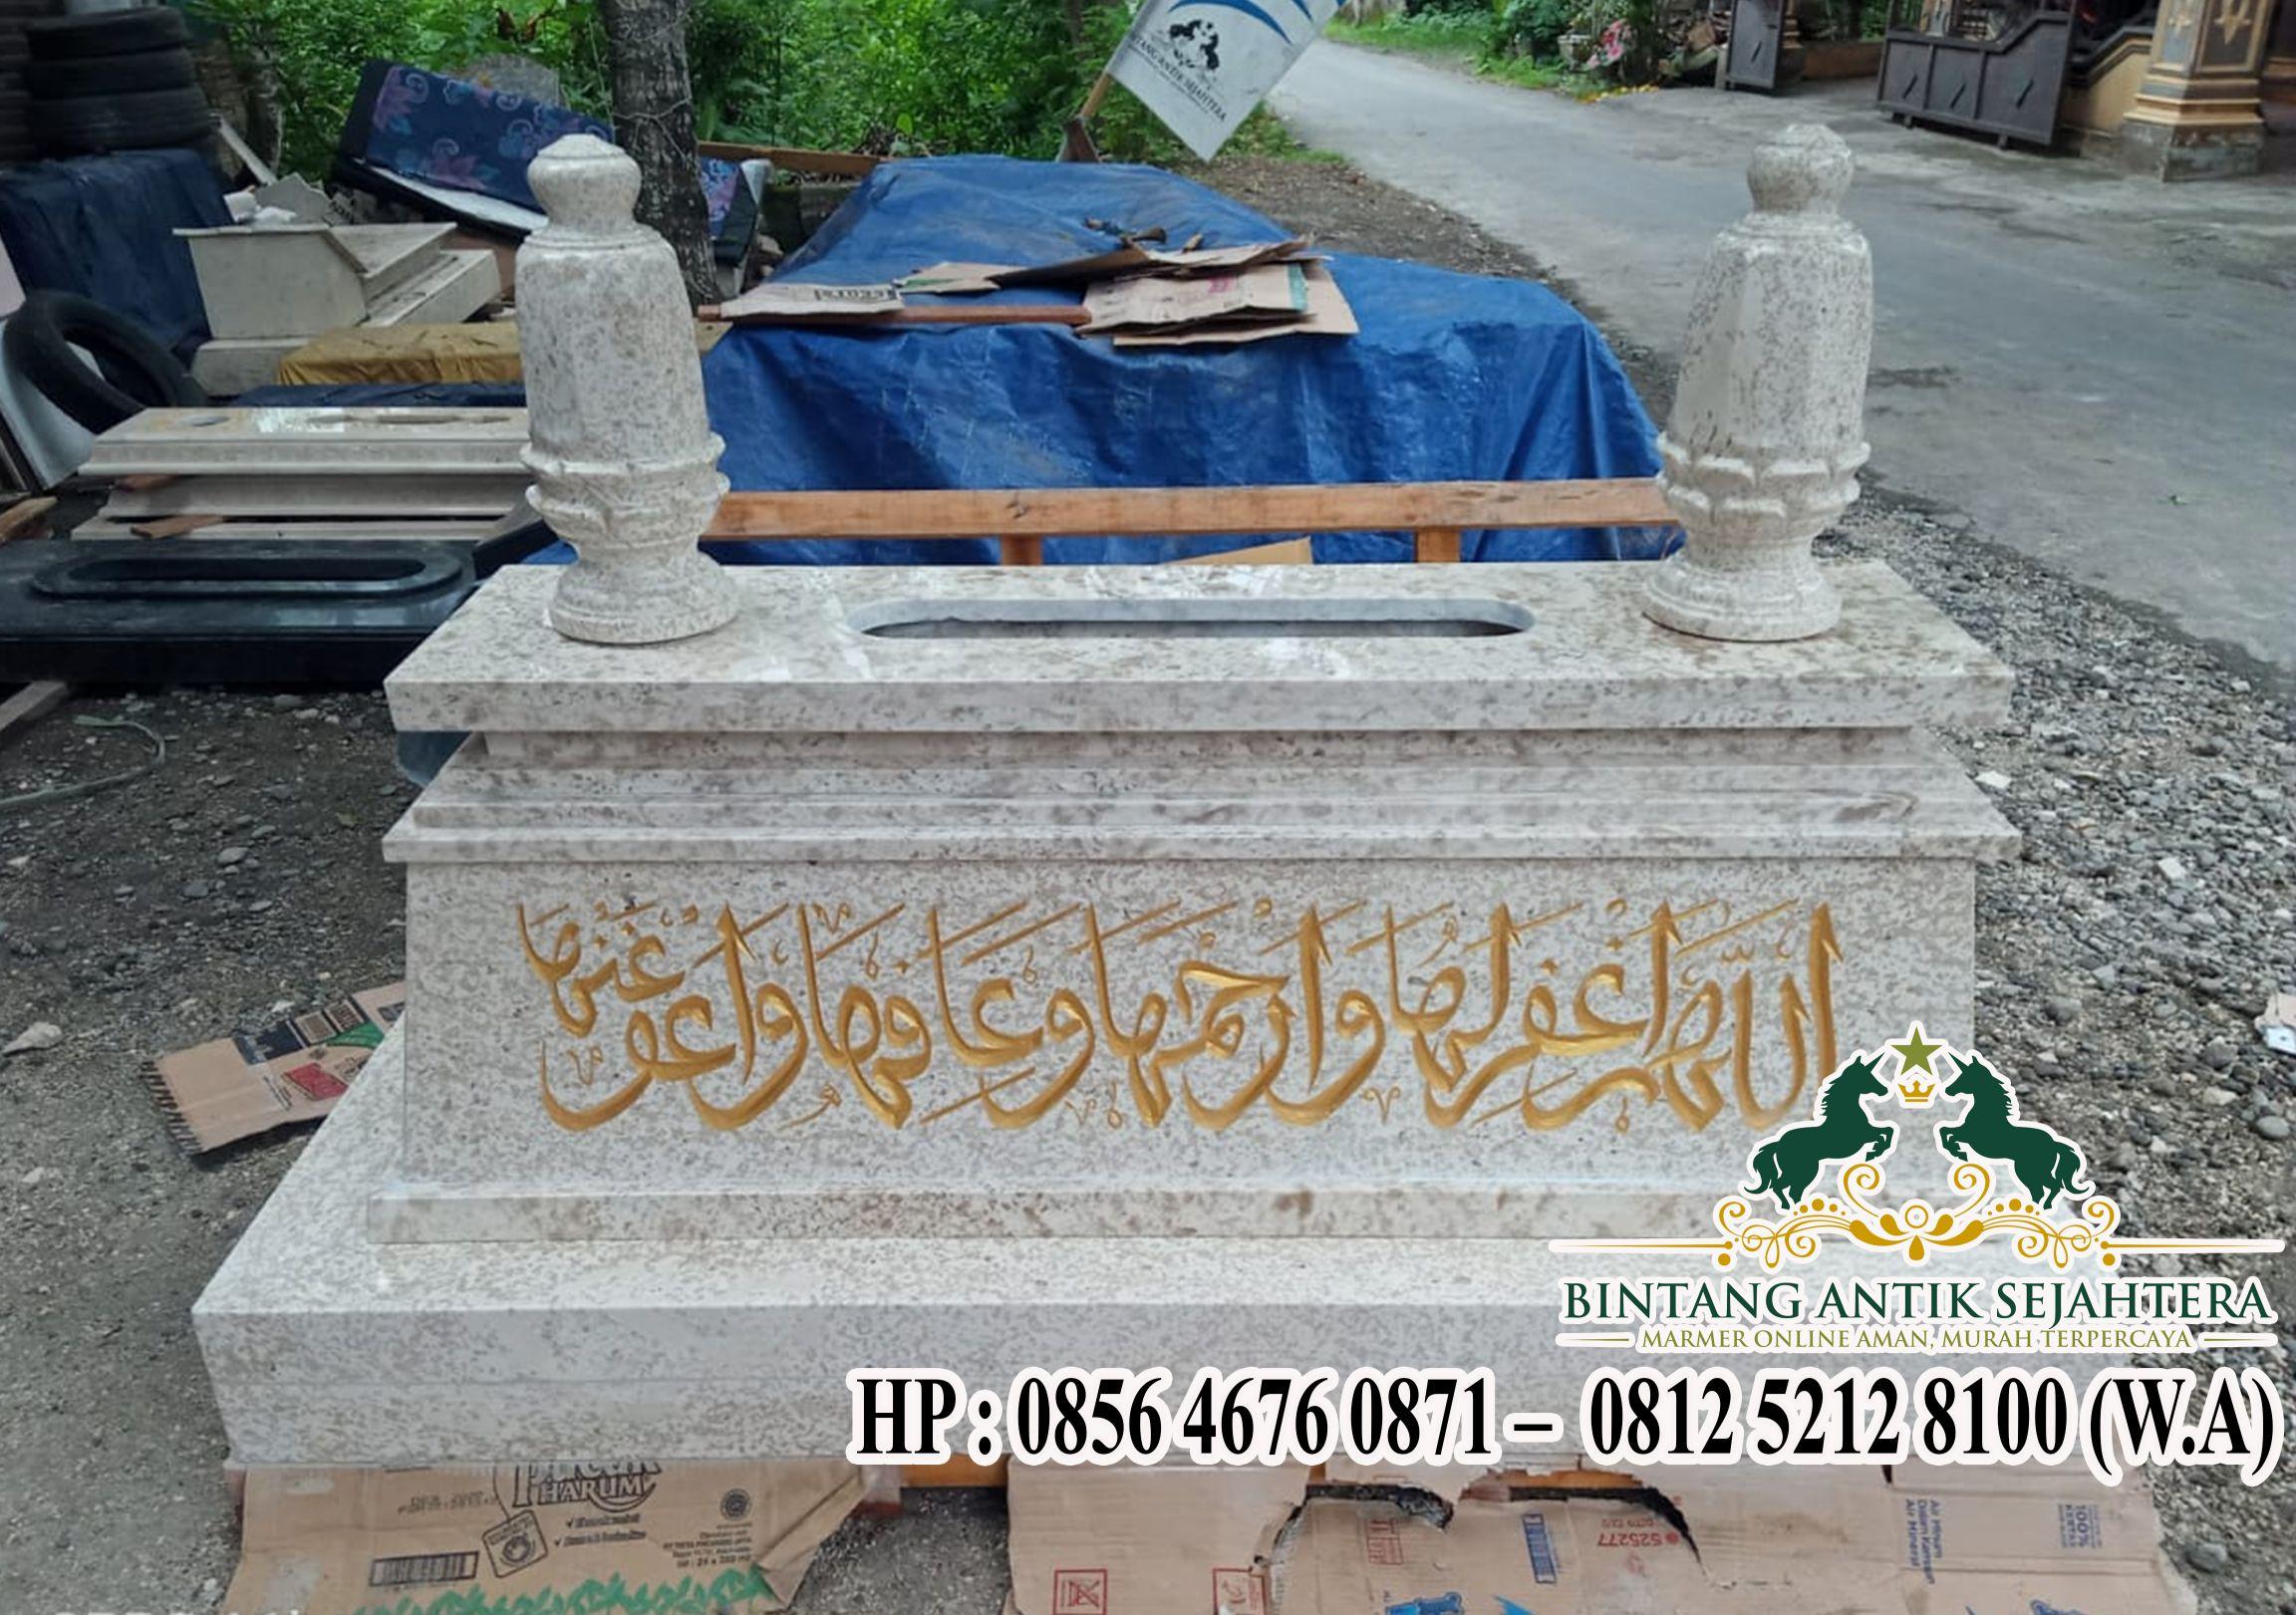 Jual Makam Terbaru, Terlengkap dan Termurah di Jawa Timur